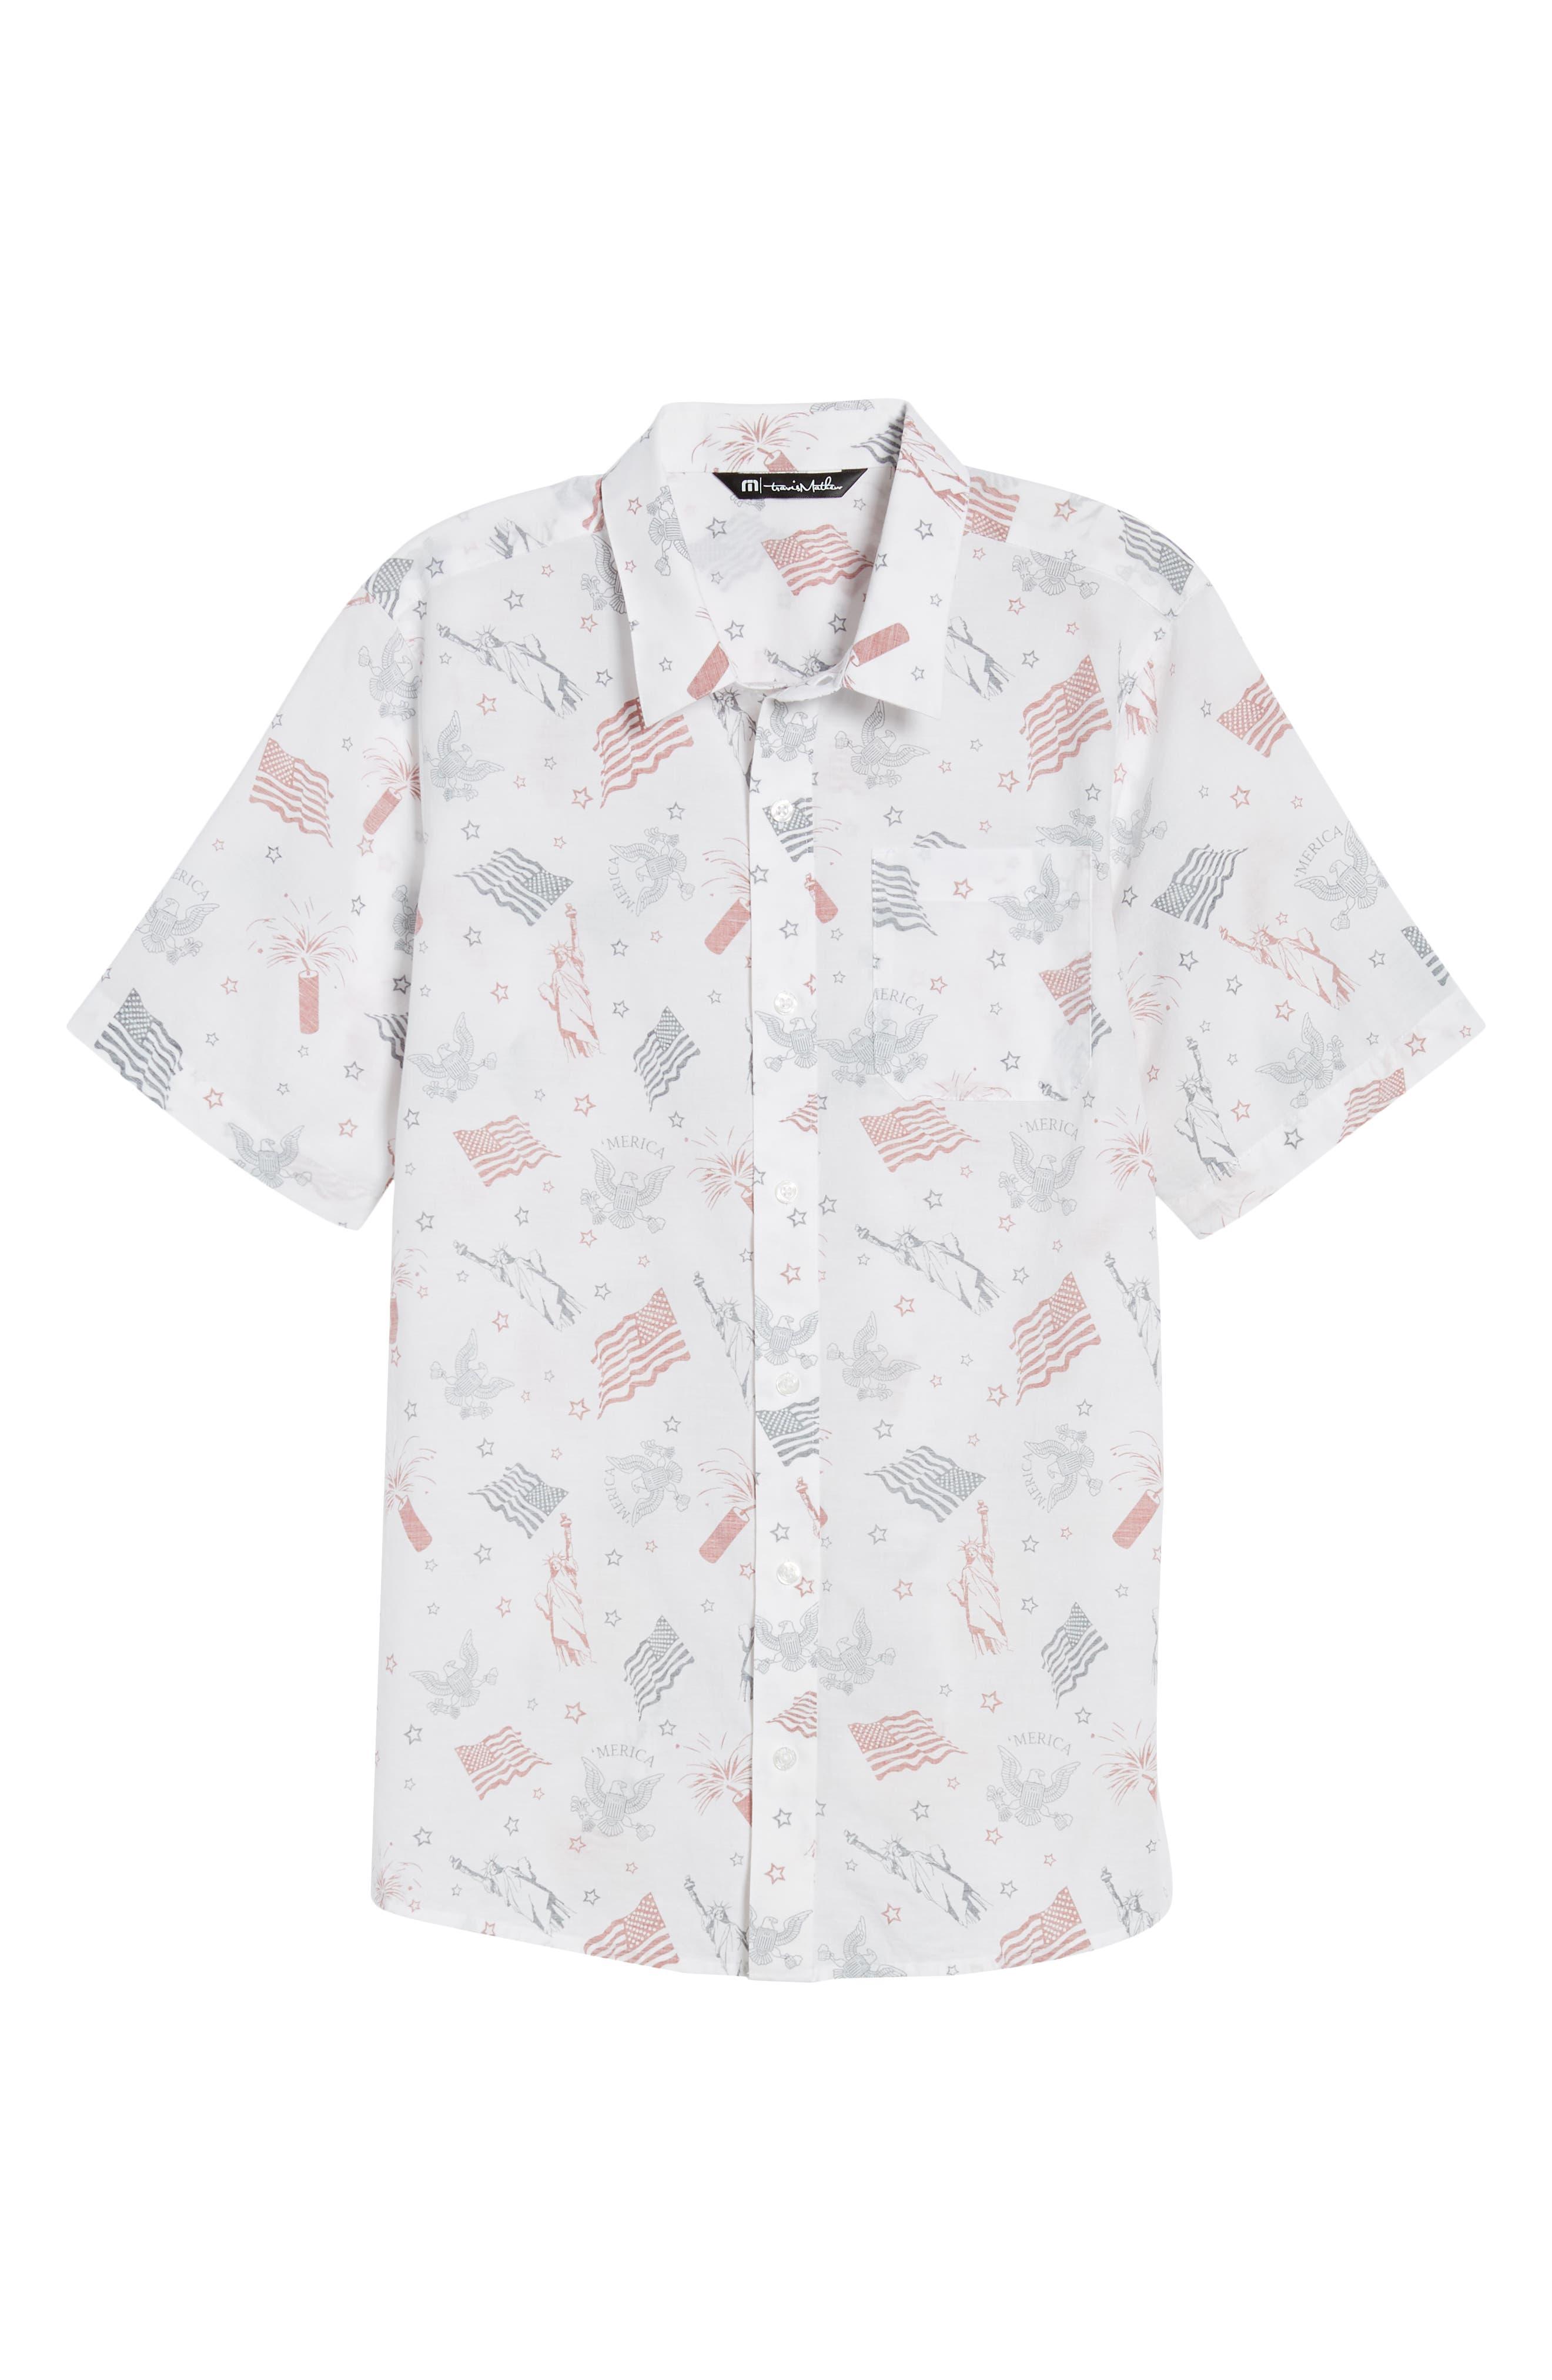 Black Cat Regular Fit Short Sleeve Sport Shirt,                             Alternate thumbnail 6, color,                             White